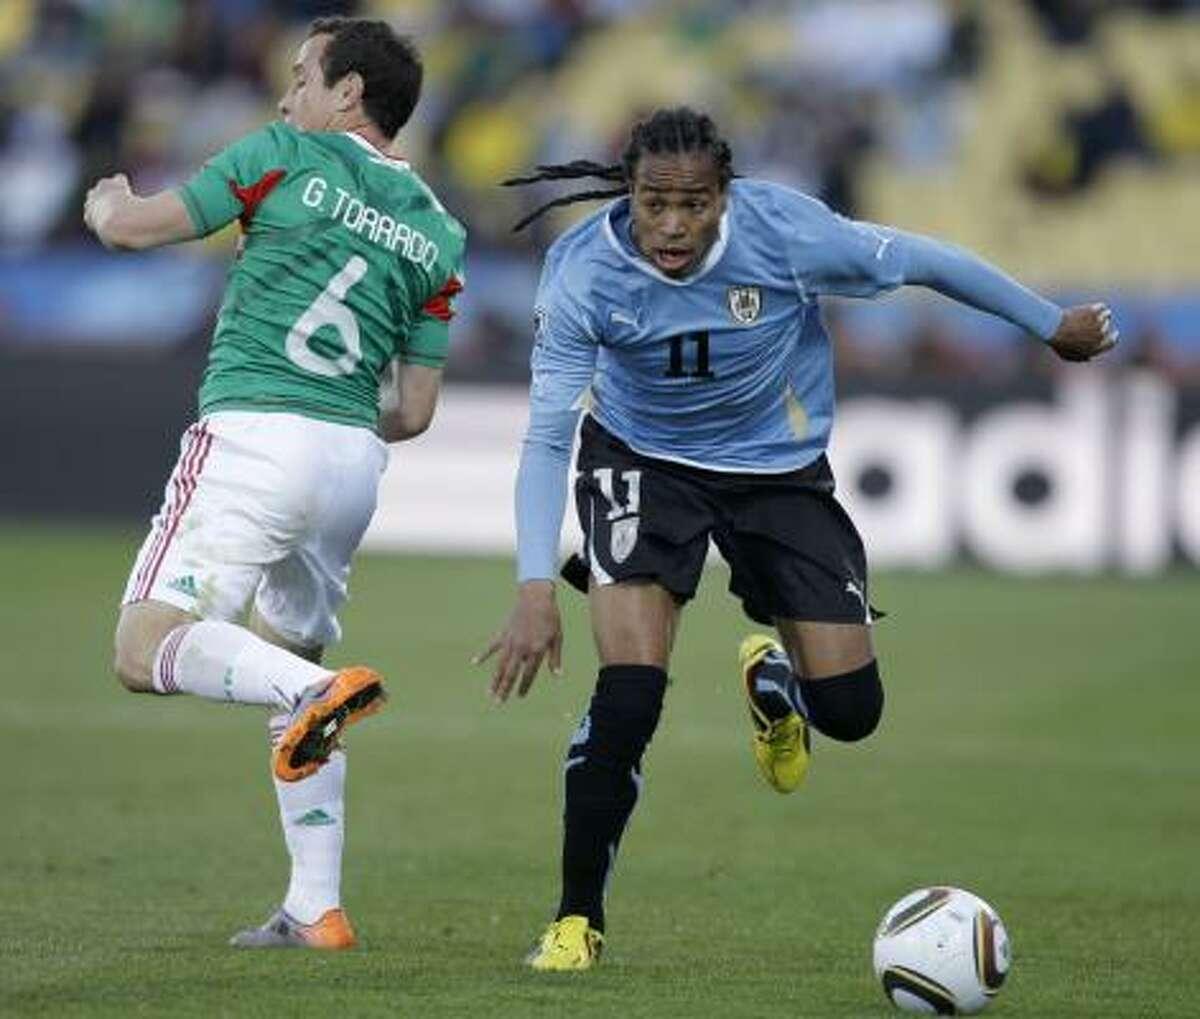 Uruguay's Alvaro Pereira and Mexico's Gerardo Torrado, left, vie for the ball.